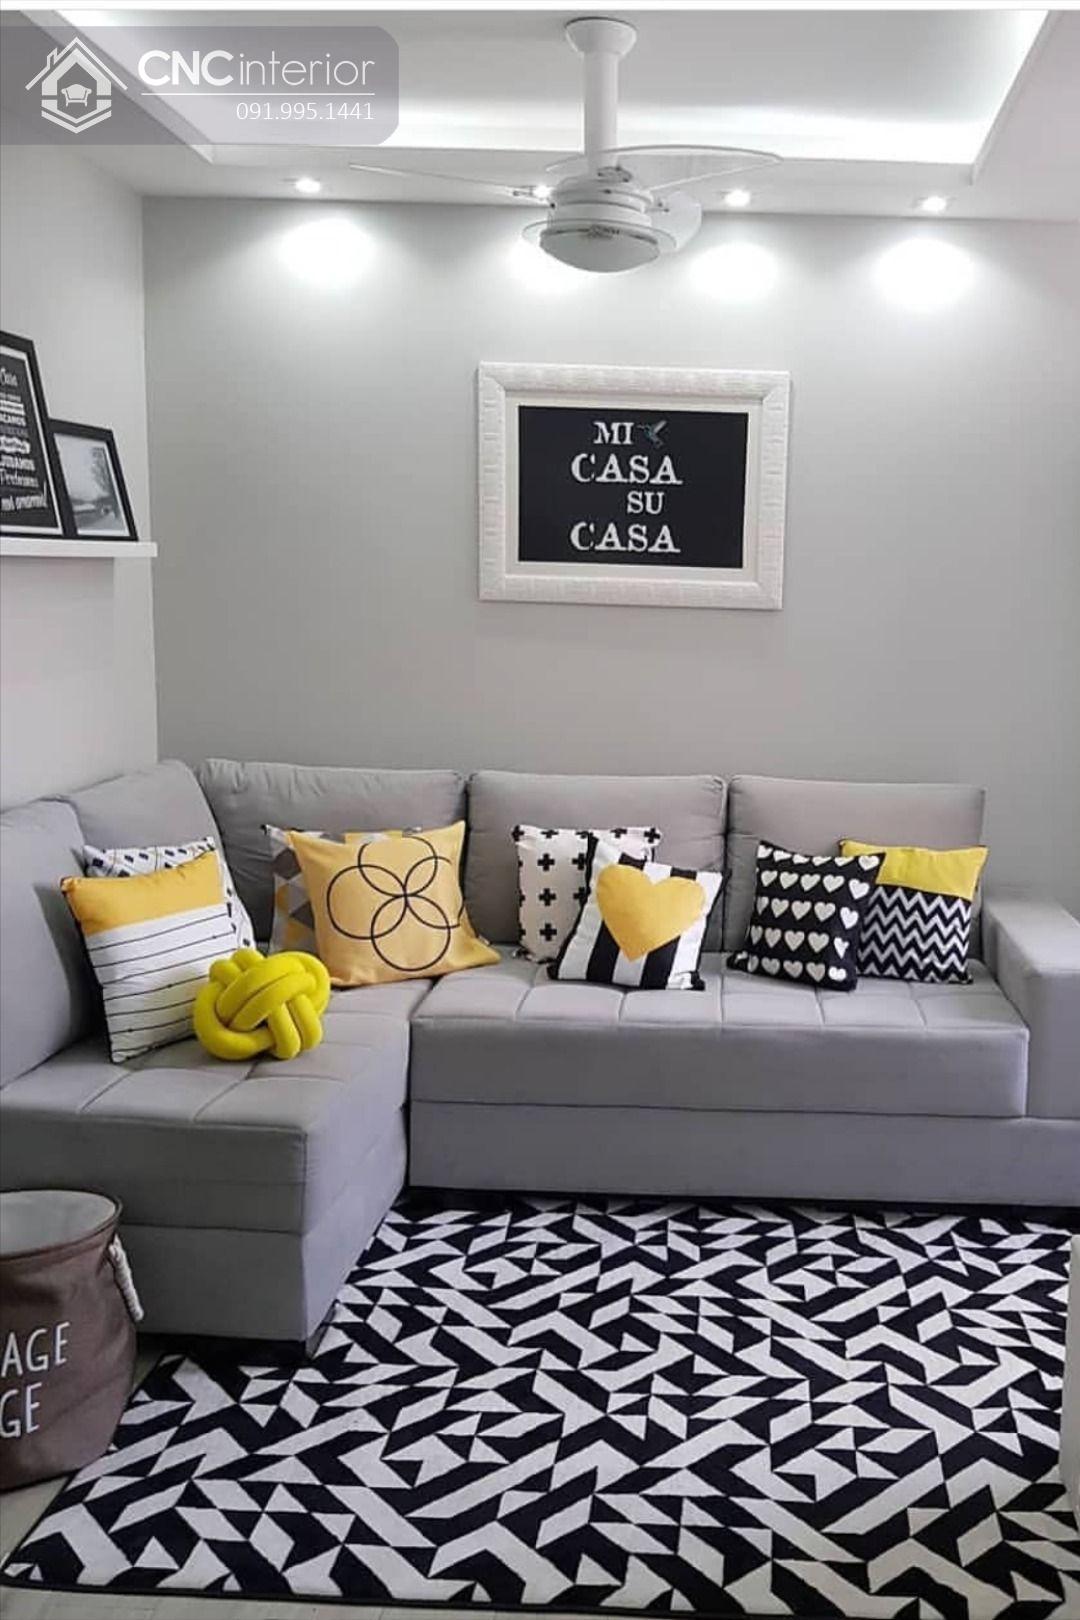 mẫu ghế sofa đơn giản hiện đại 4